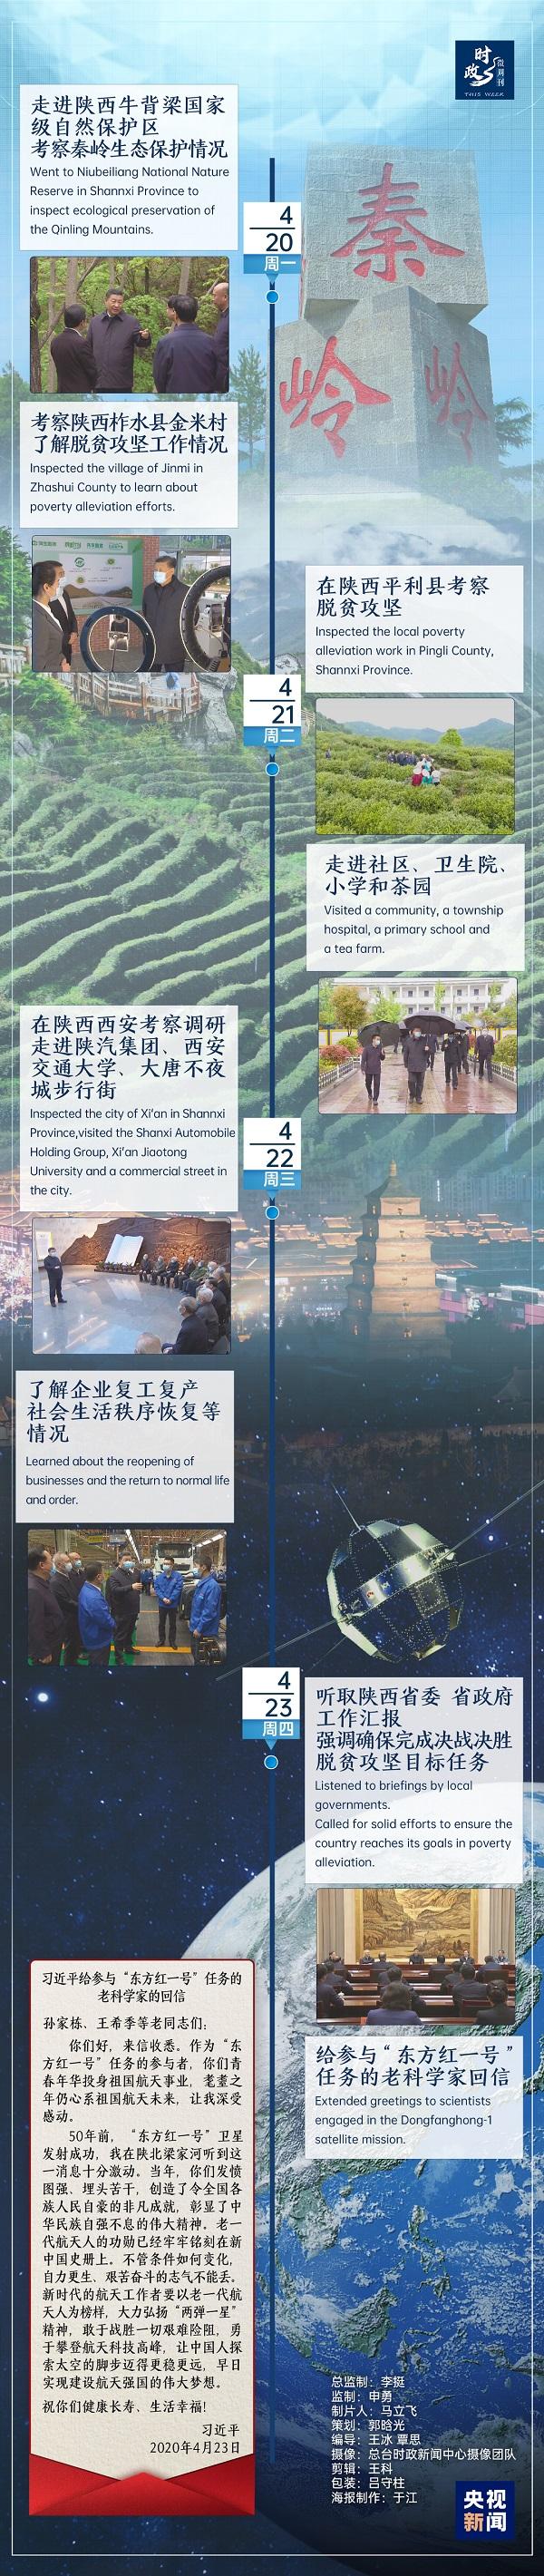 习近平的一周(4月20日—4月26日)图片